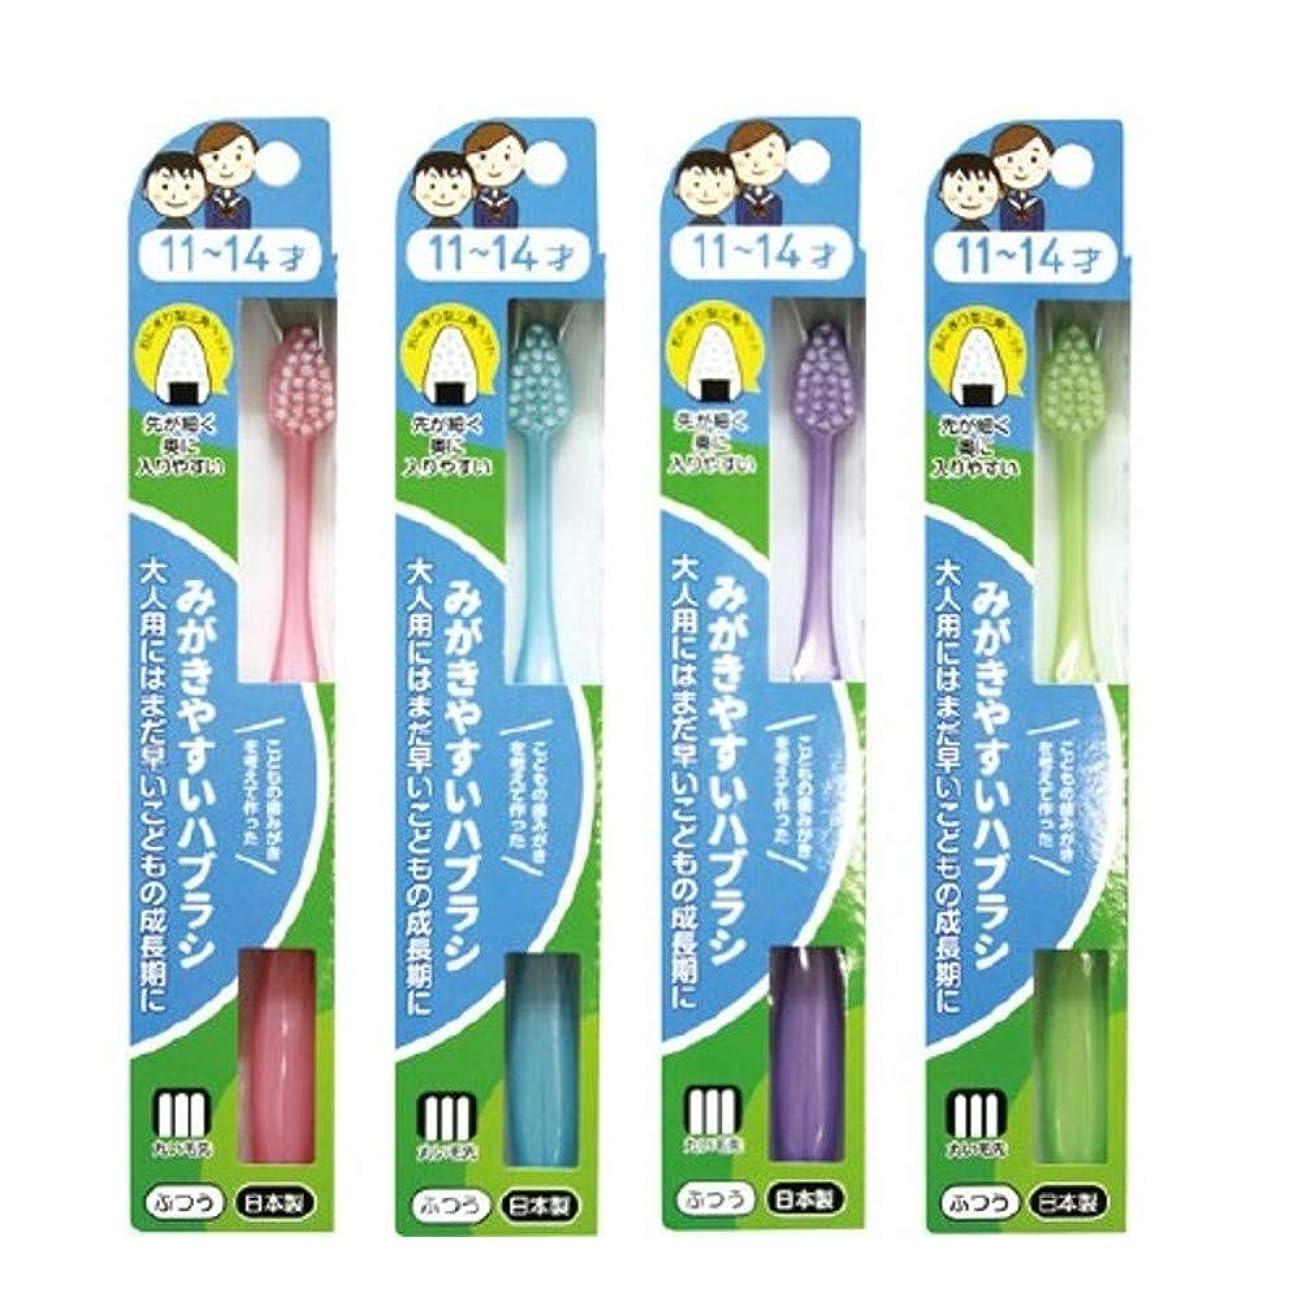 アンプ掃く元気みがきやすいハブラシ 11~14才用 フラット LT-40×12本セット(ピンク×1、ブルー×1、パープル×1、グリーン×1)